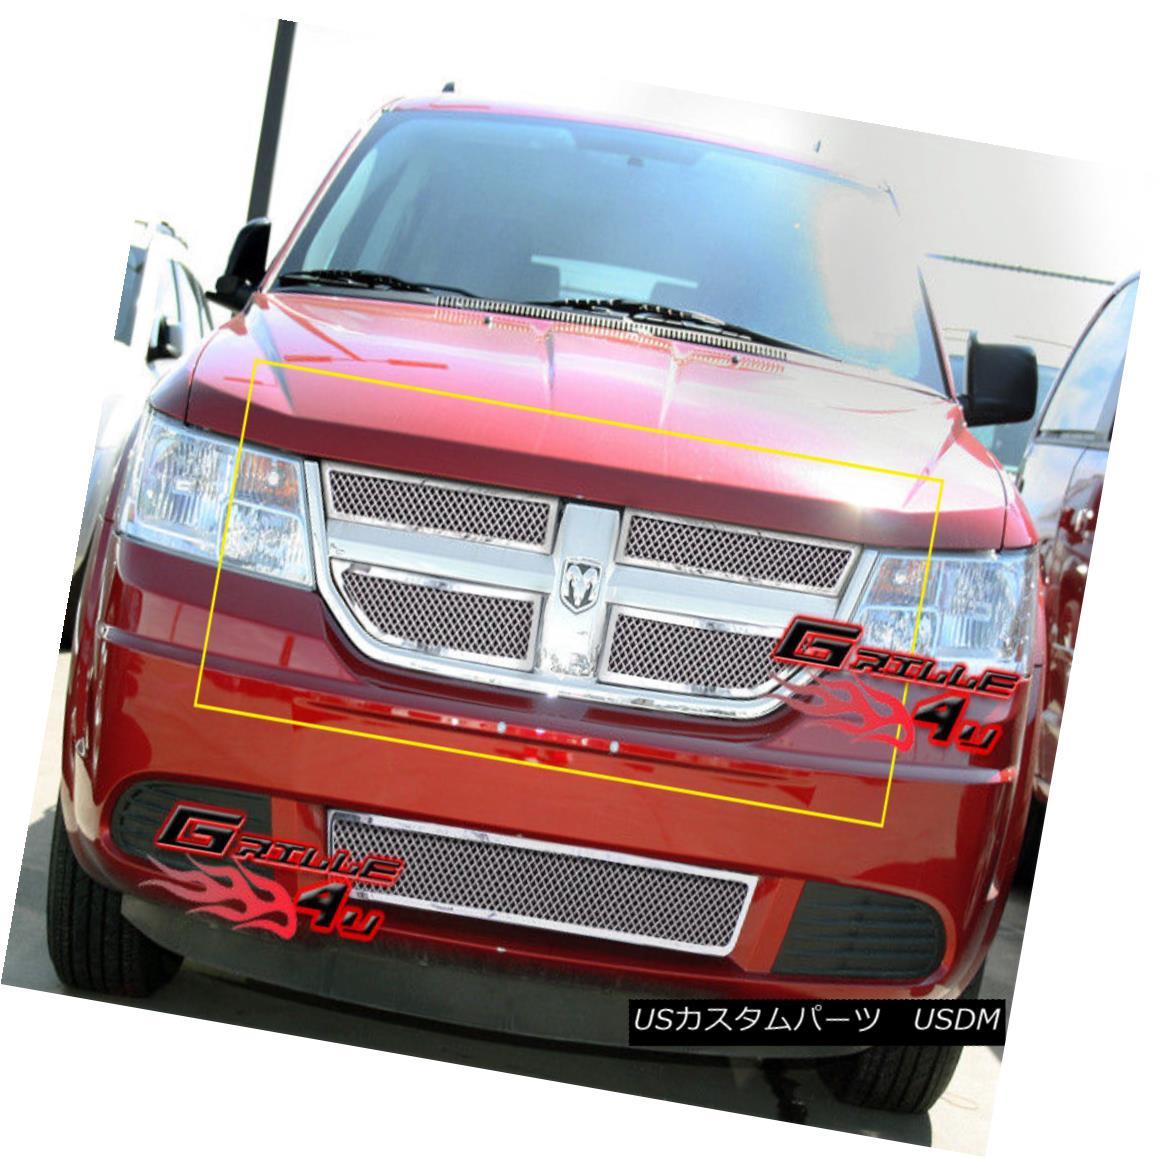 グリル Fits 09-10 Dodge Journey Stainless Mesh Grille Insert フィット09-10ドッジジャーニーステンレスメッシュグリルインサート